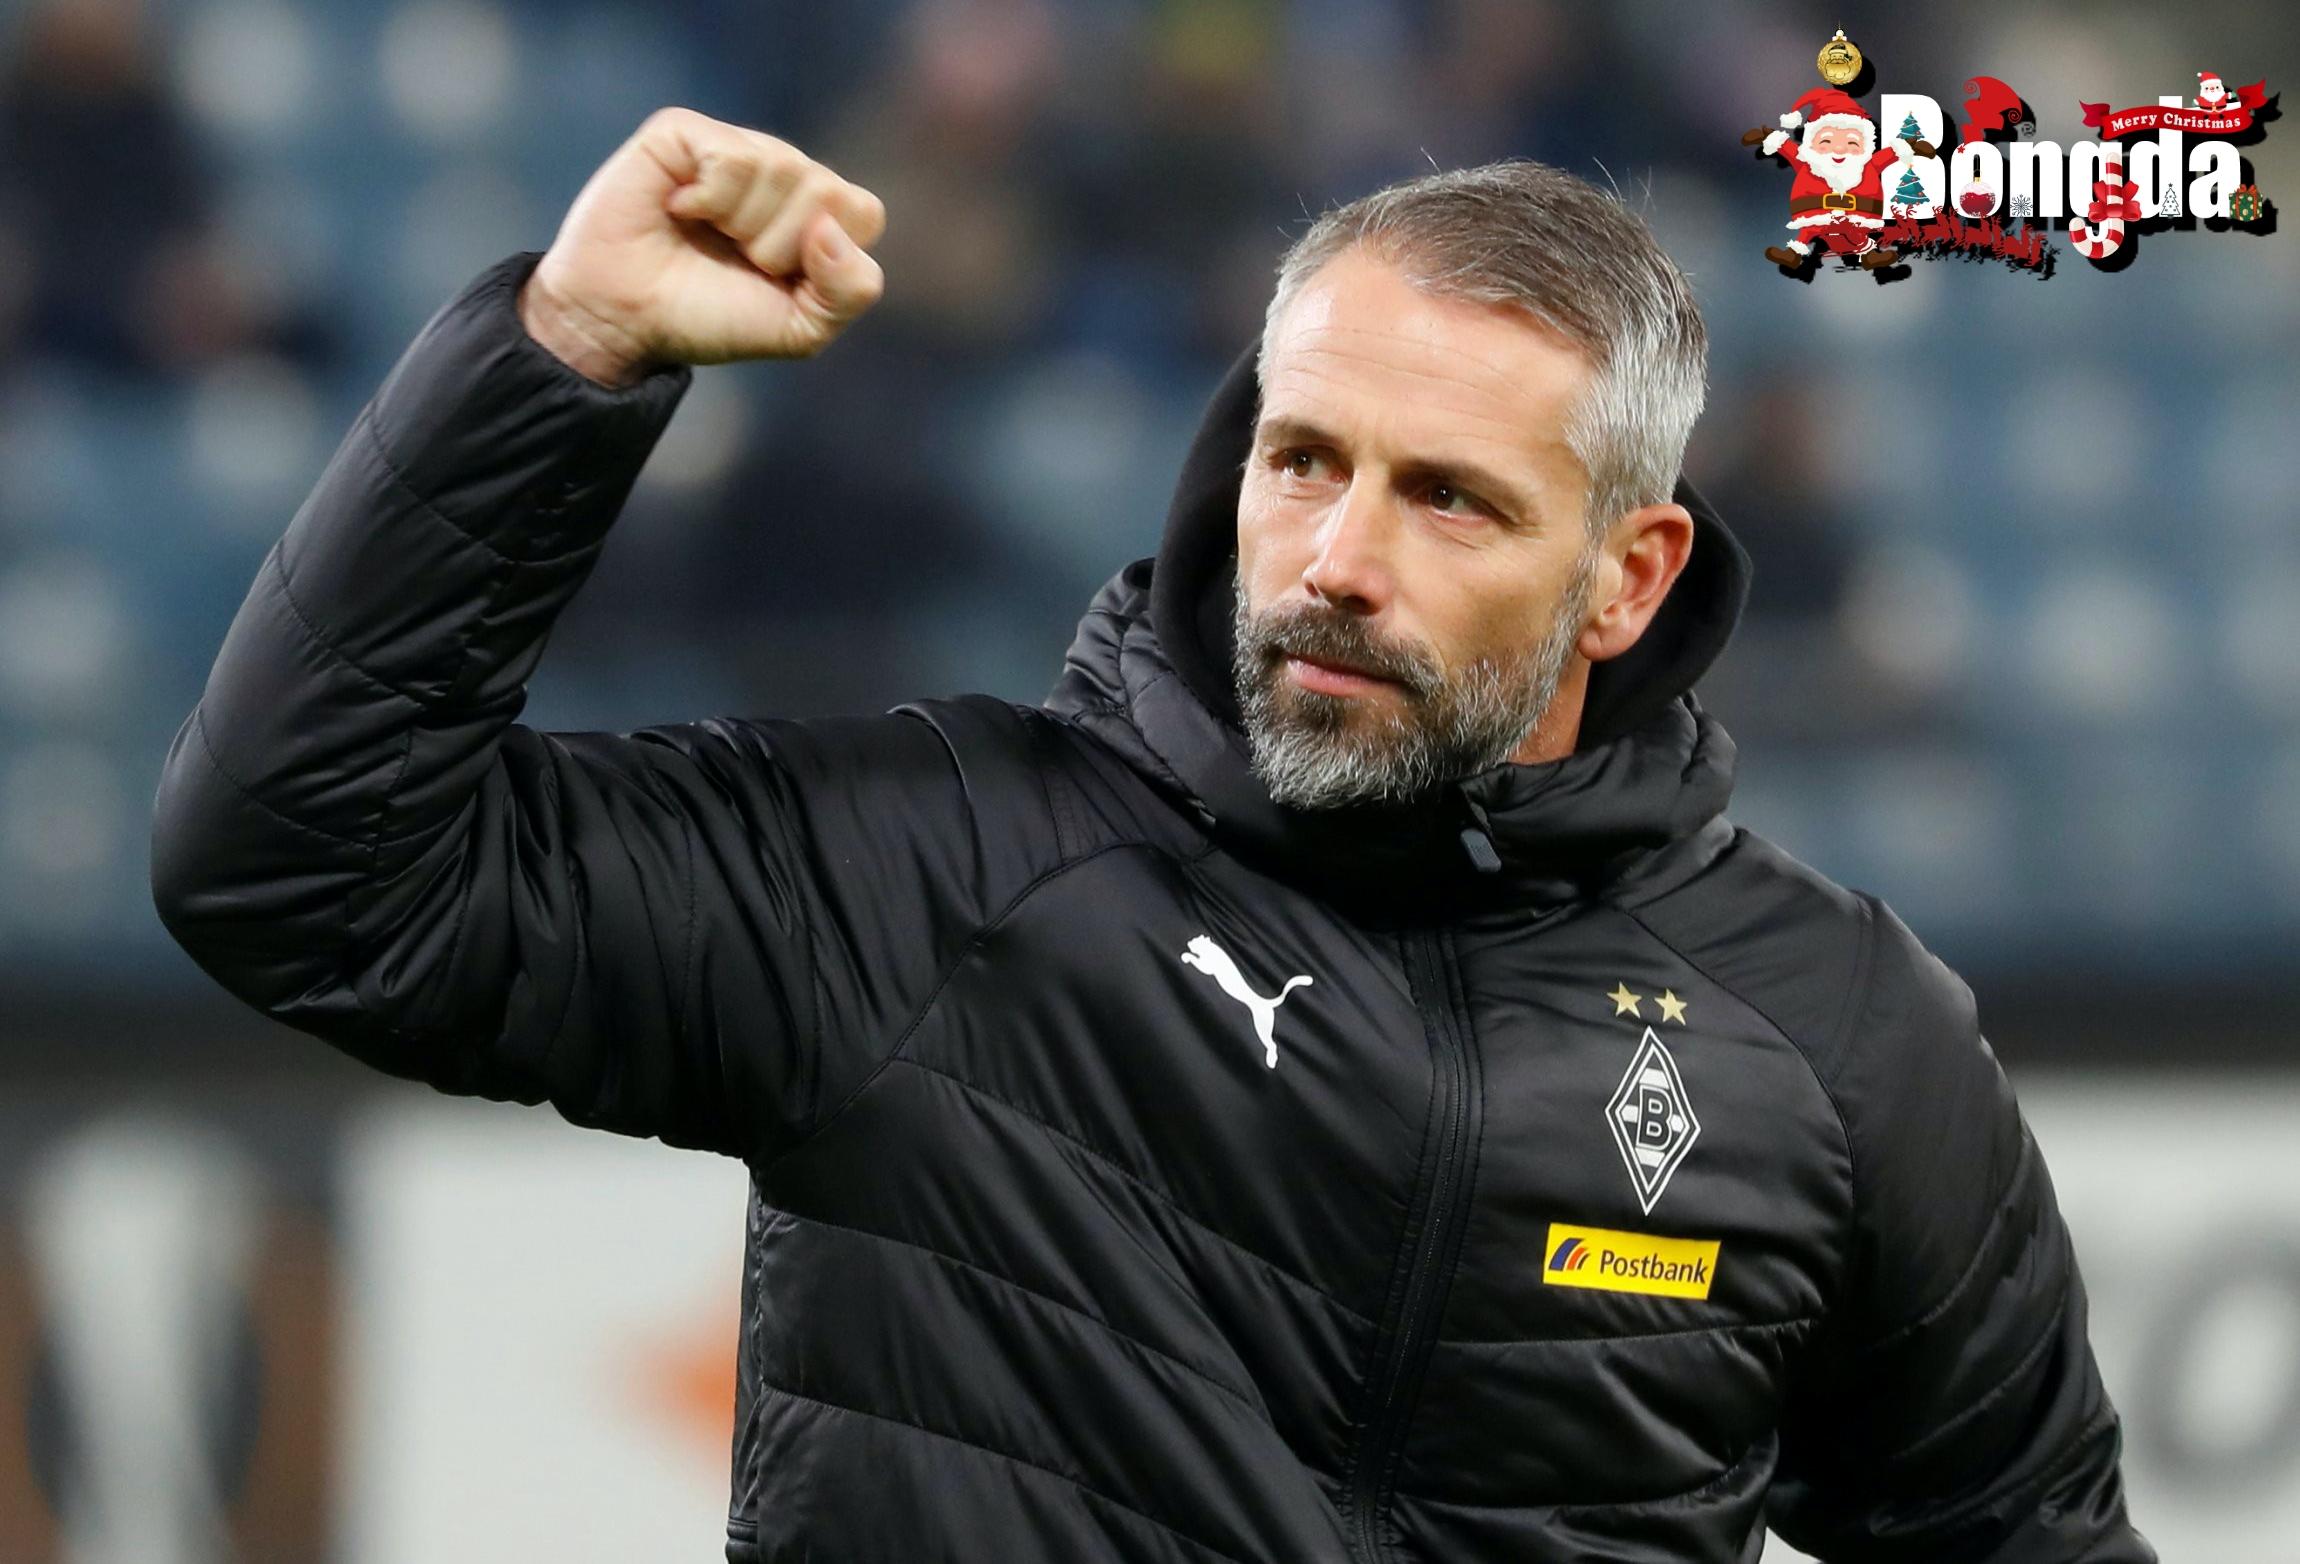 Borussia Dortmund có thỏa thuận với Marco Rose để thay Lucien Favre ở vị trí HLV sau khi HLV Lucien Favre bị CLB Bundesliga sa thải